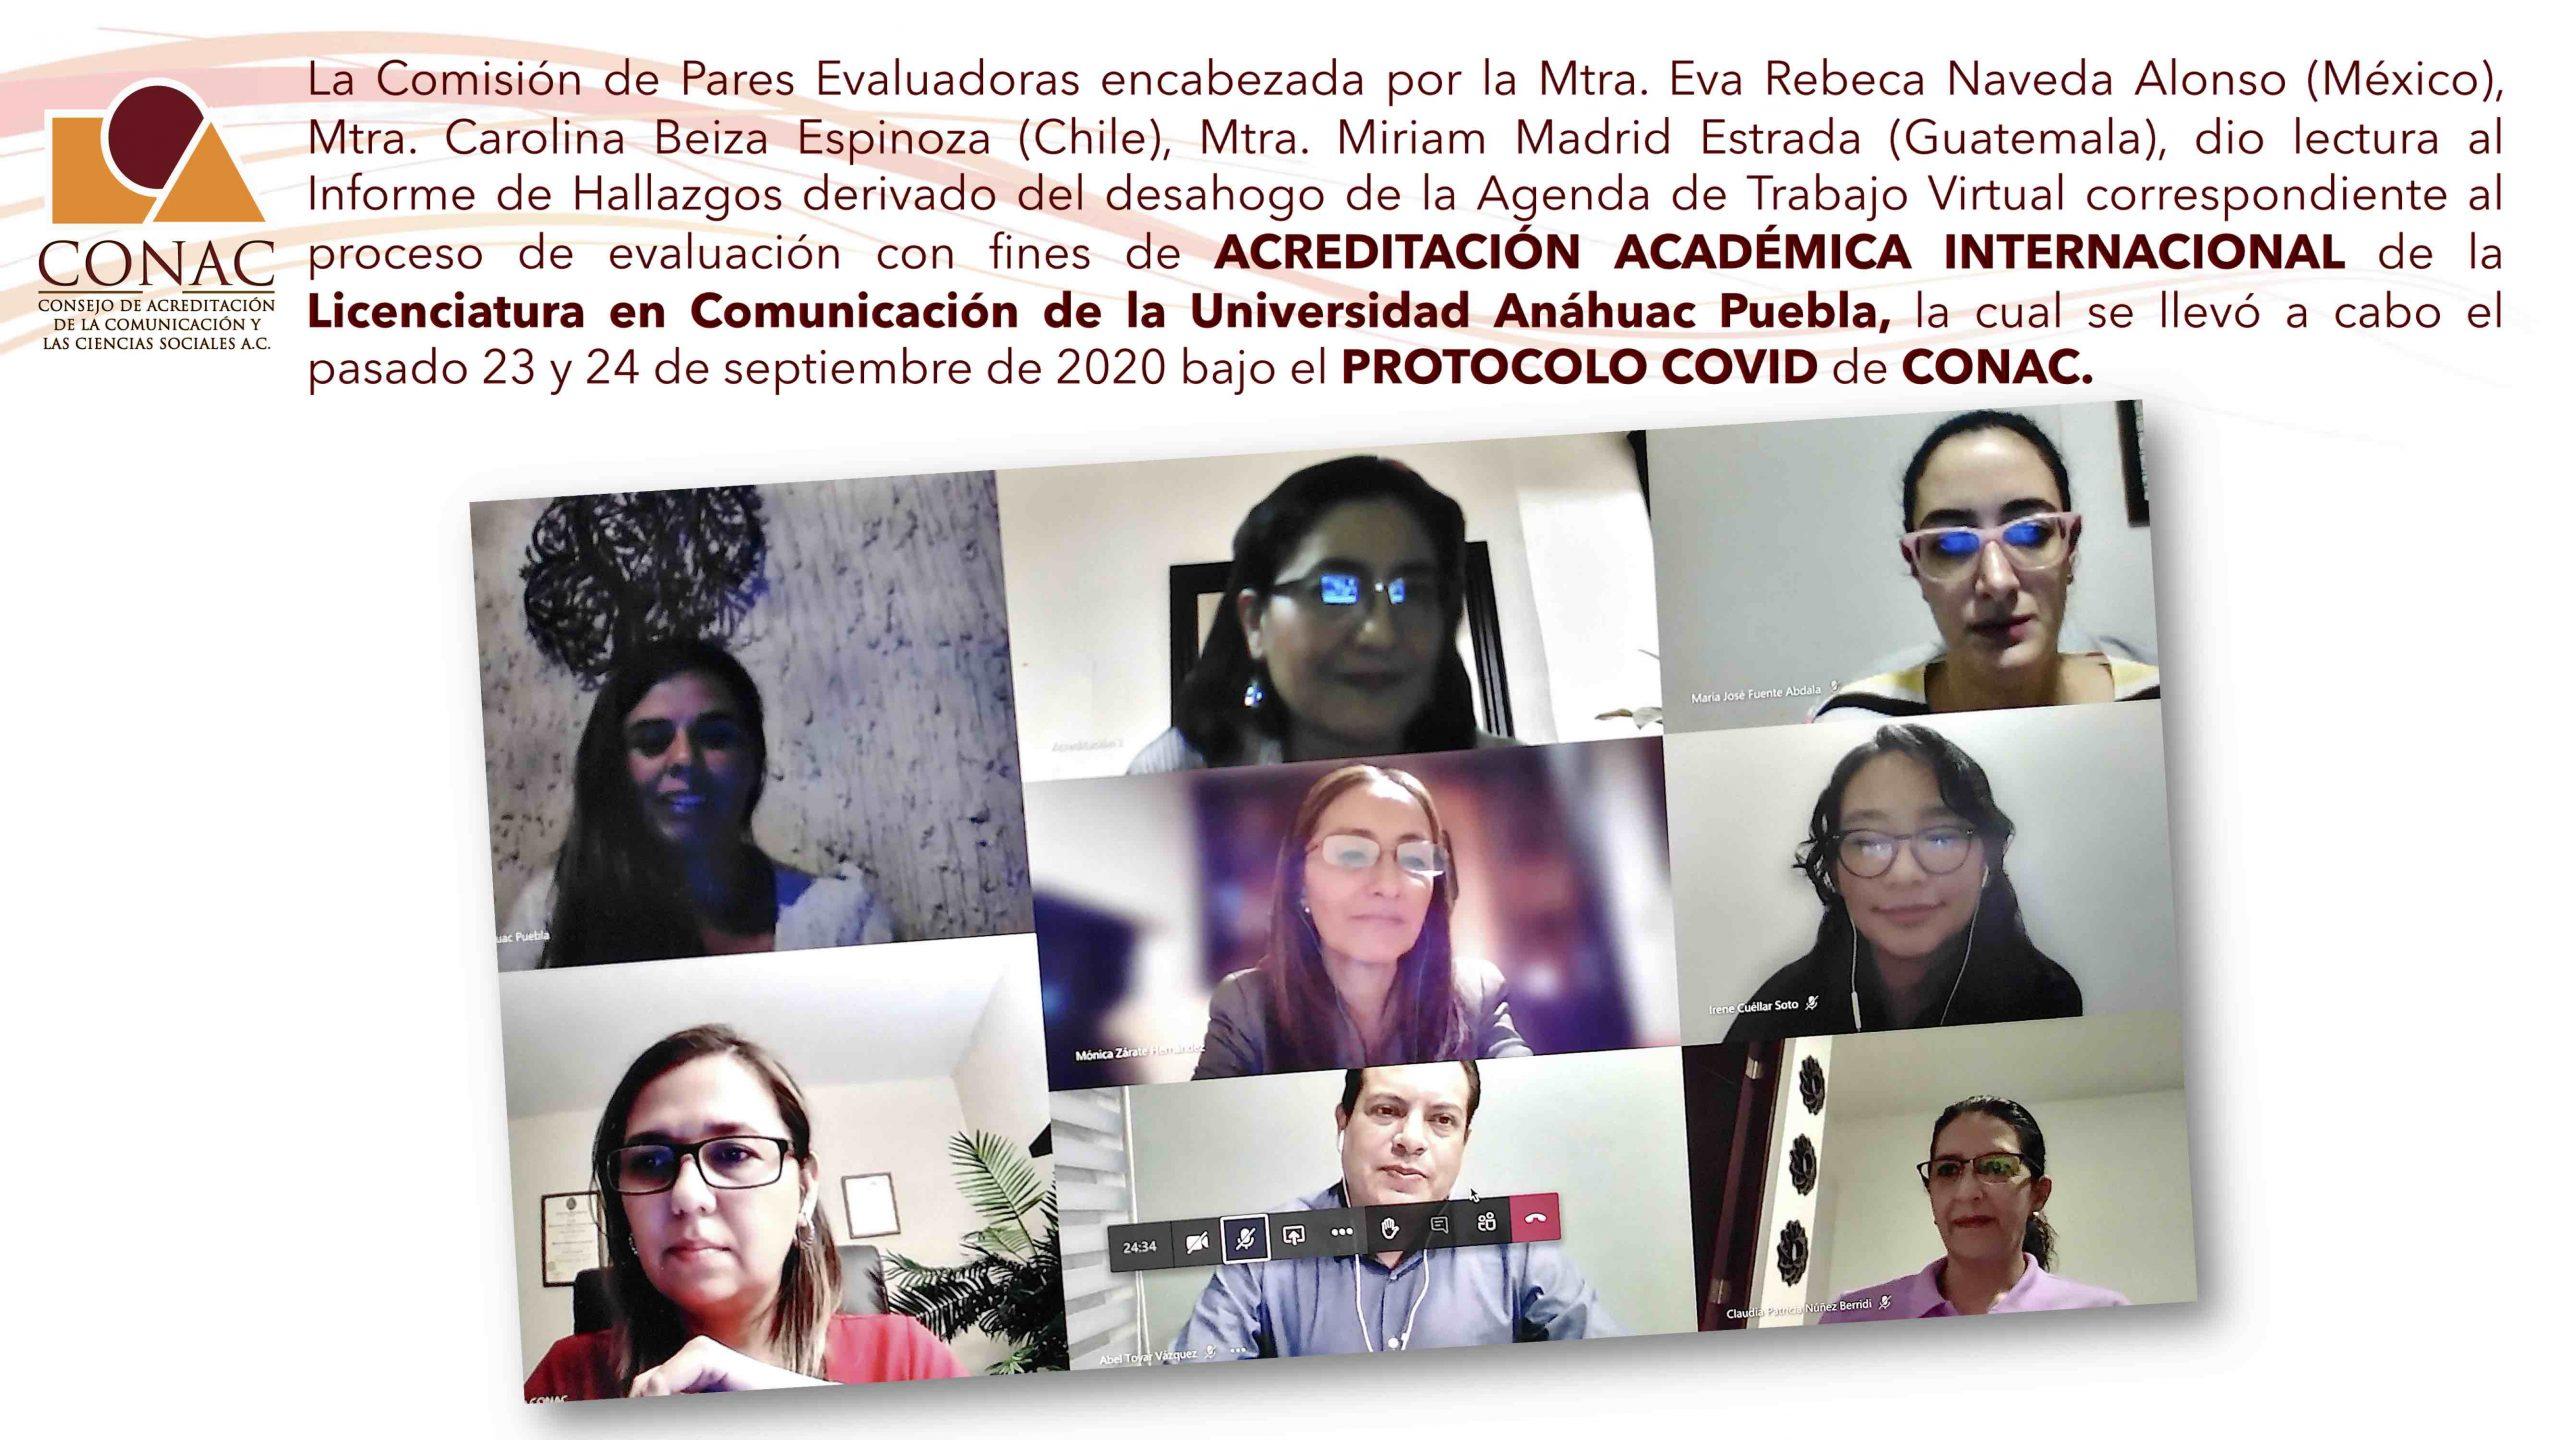 Informe de hallazgos U. Anáhuac Puebla Comunicación